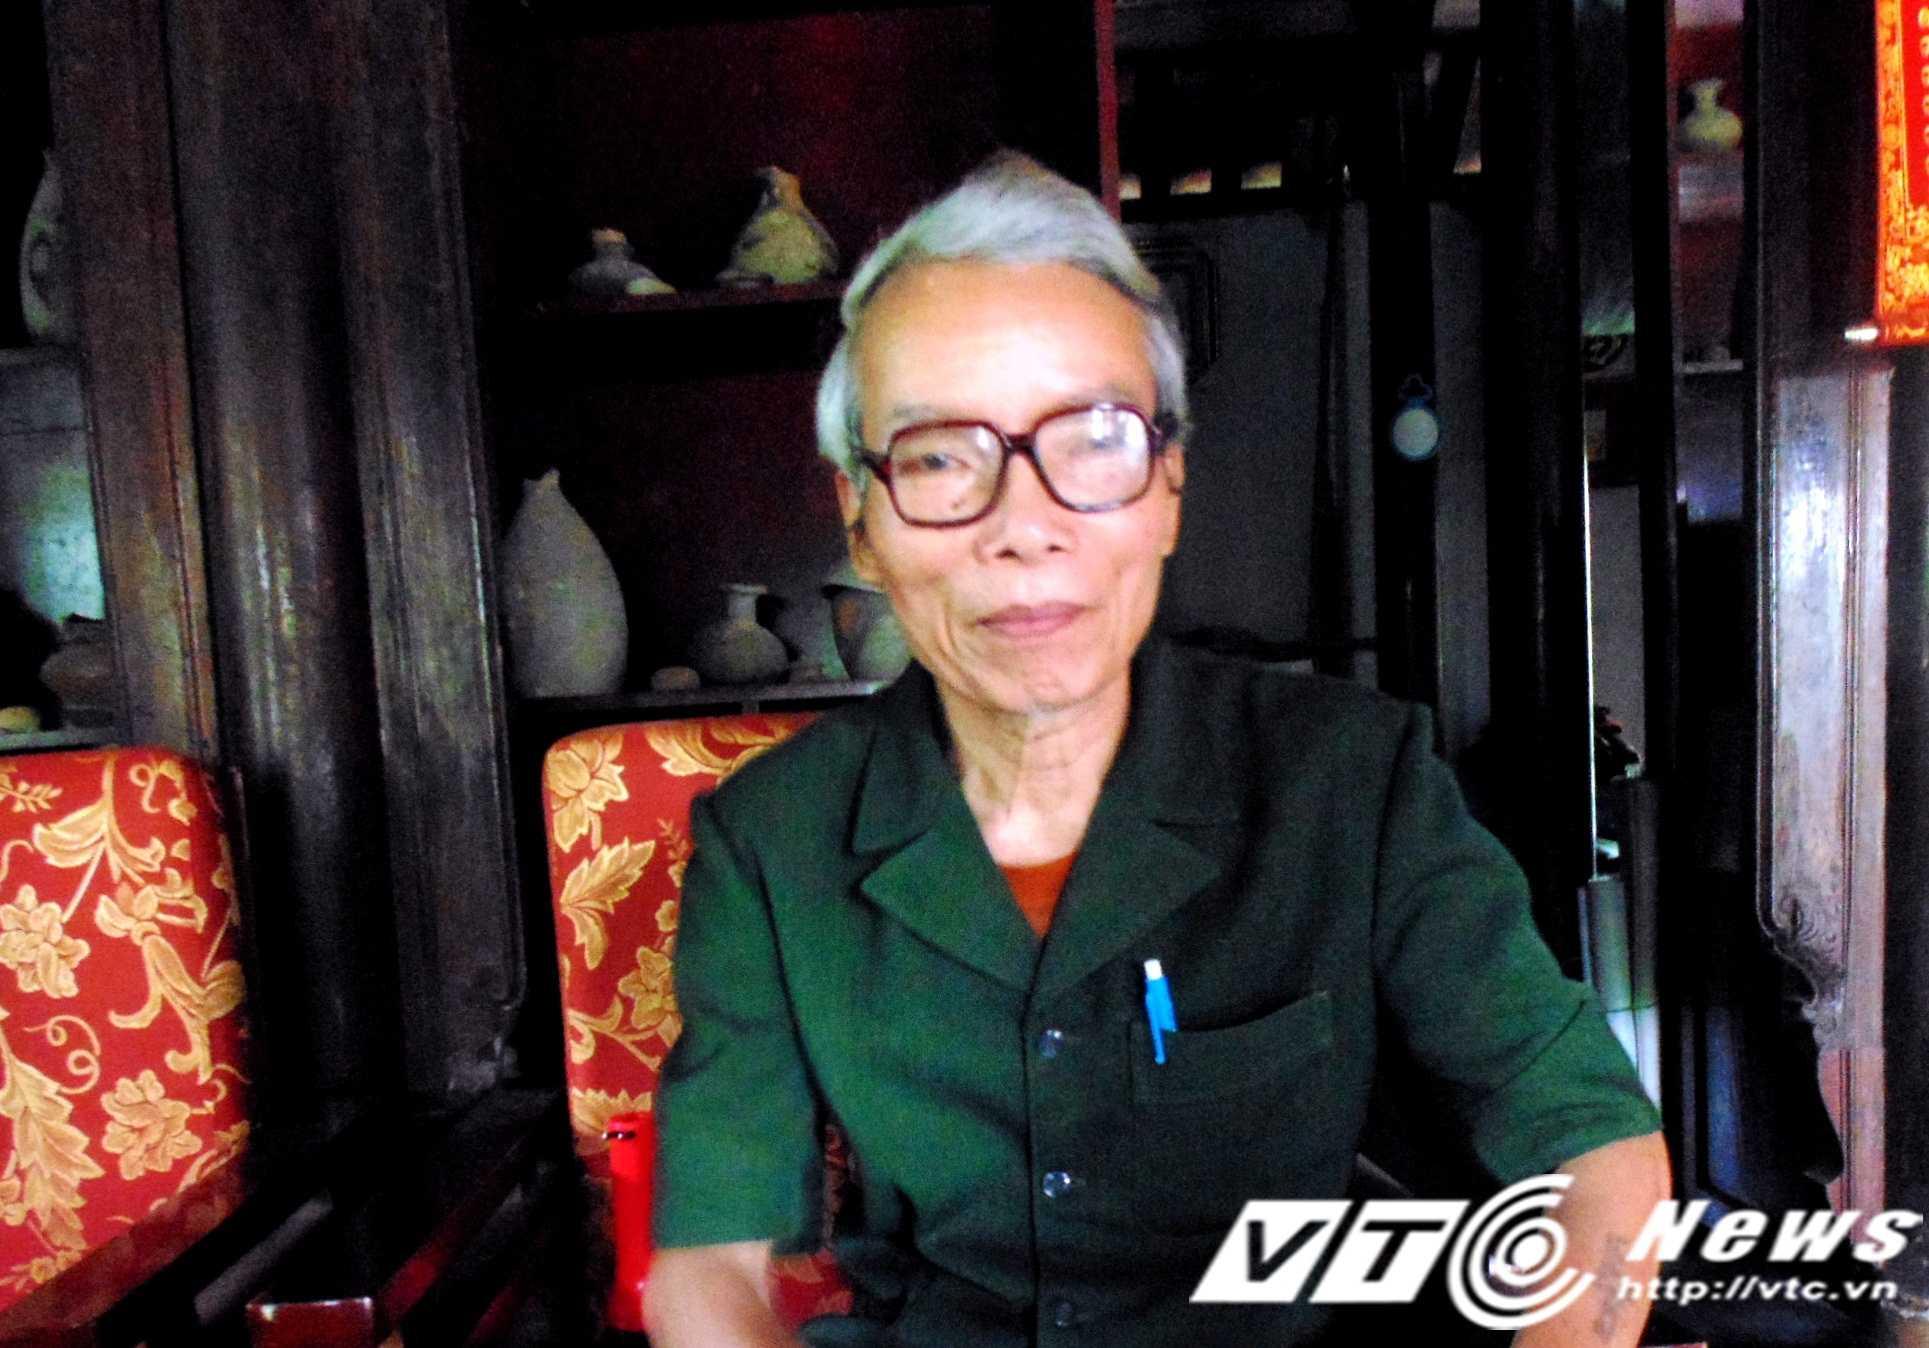 Ông Lương Thanh Khiếu, Ban Quản lý Làng cổ Phước Tích khẳng định những chuyện lạ quanh miếu Cây Thị chỉ là sự trùng hợp ngẫu nhiên.